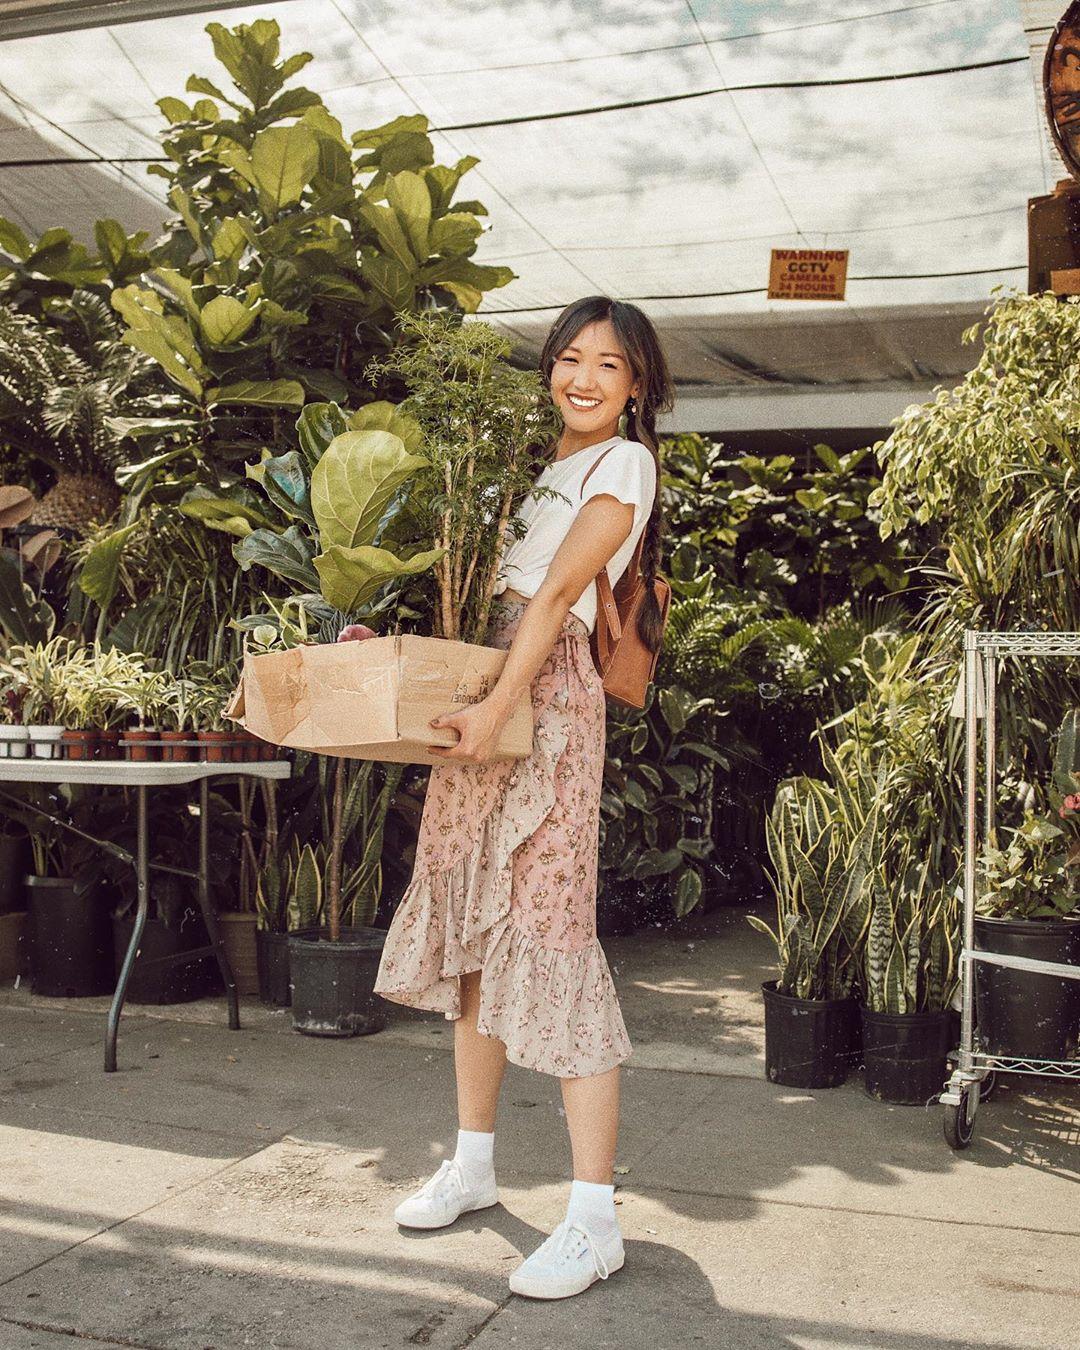 cô gái mặc áo trắng váy bèo hoa ôm chậu cây